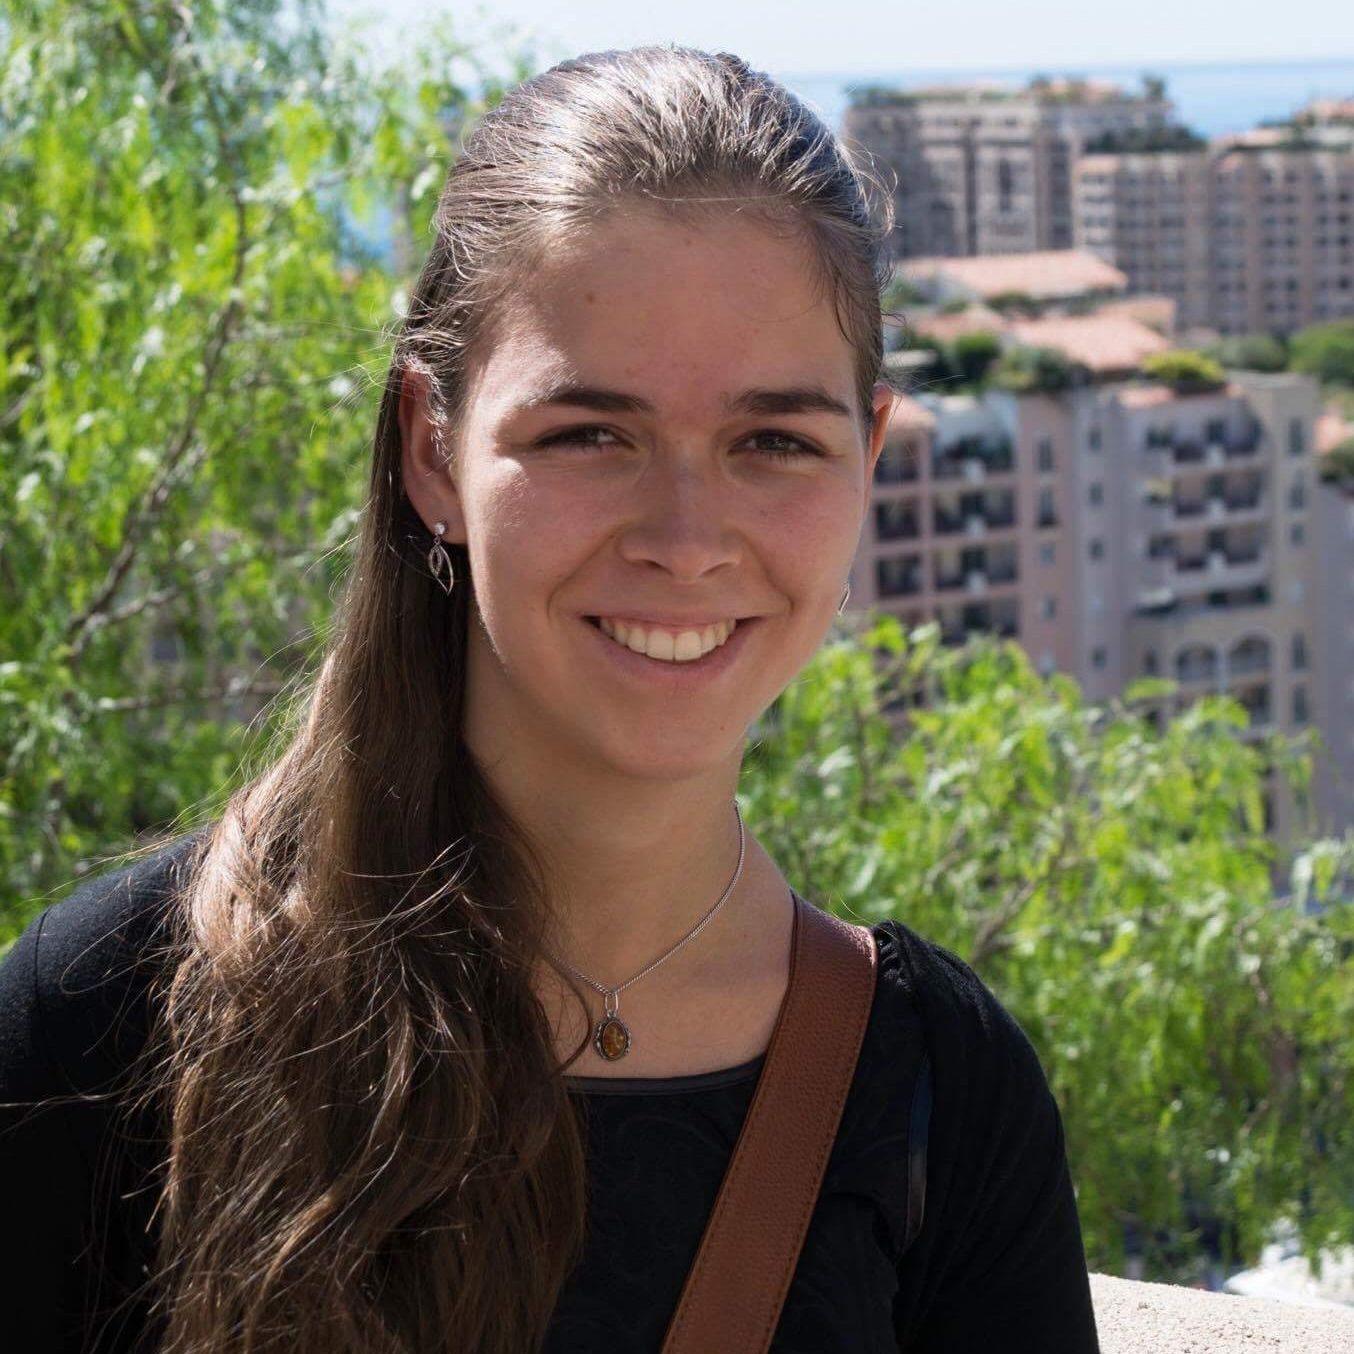 Sara Rühle